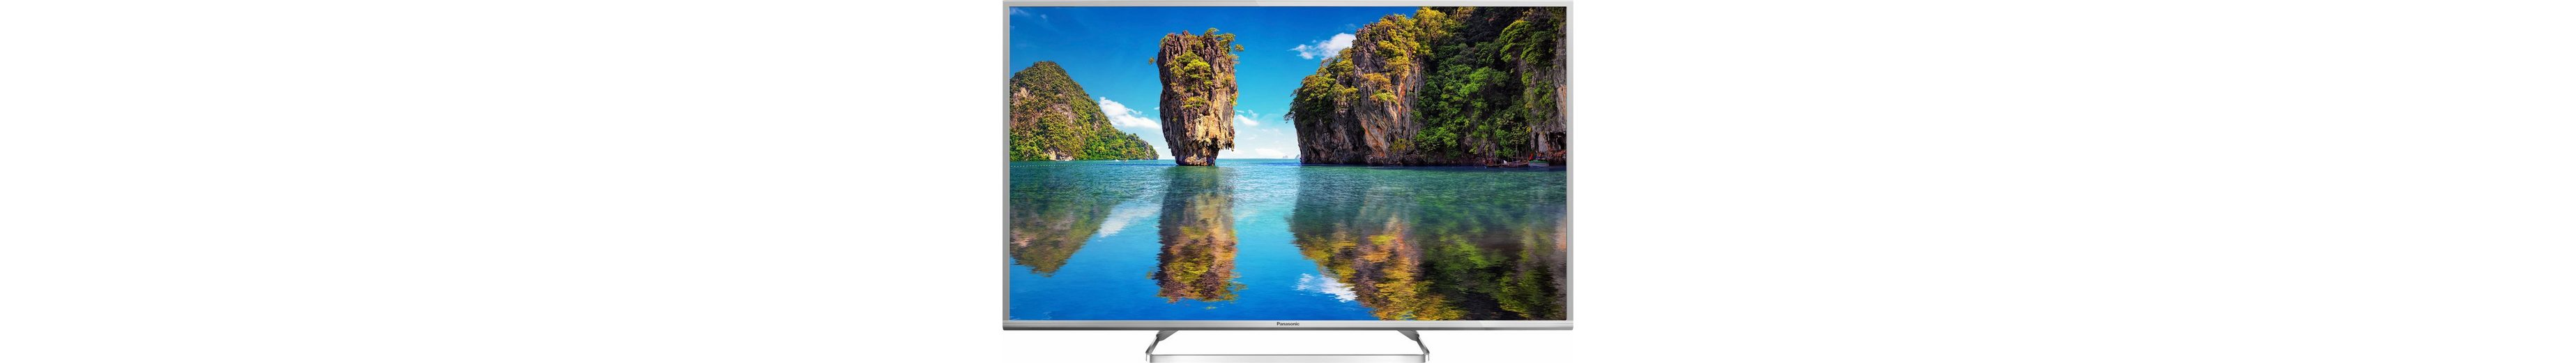 Panasonic TX-49DSW504S, LED Fernseher, 123 cm (49 Zoll), 1080p (Full HD), Smart-TV